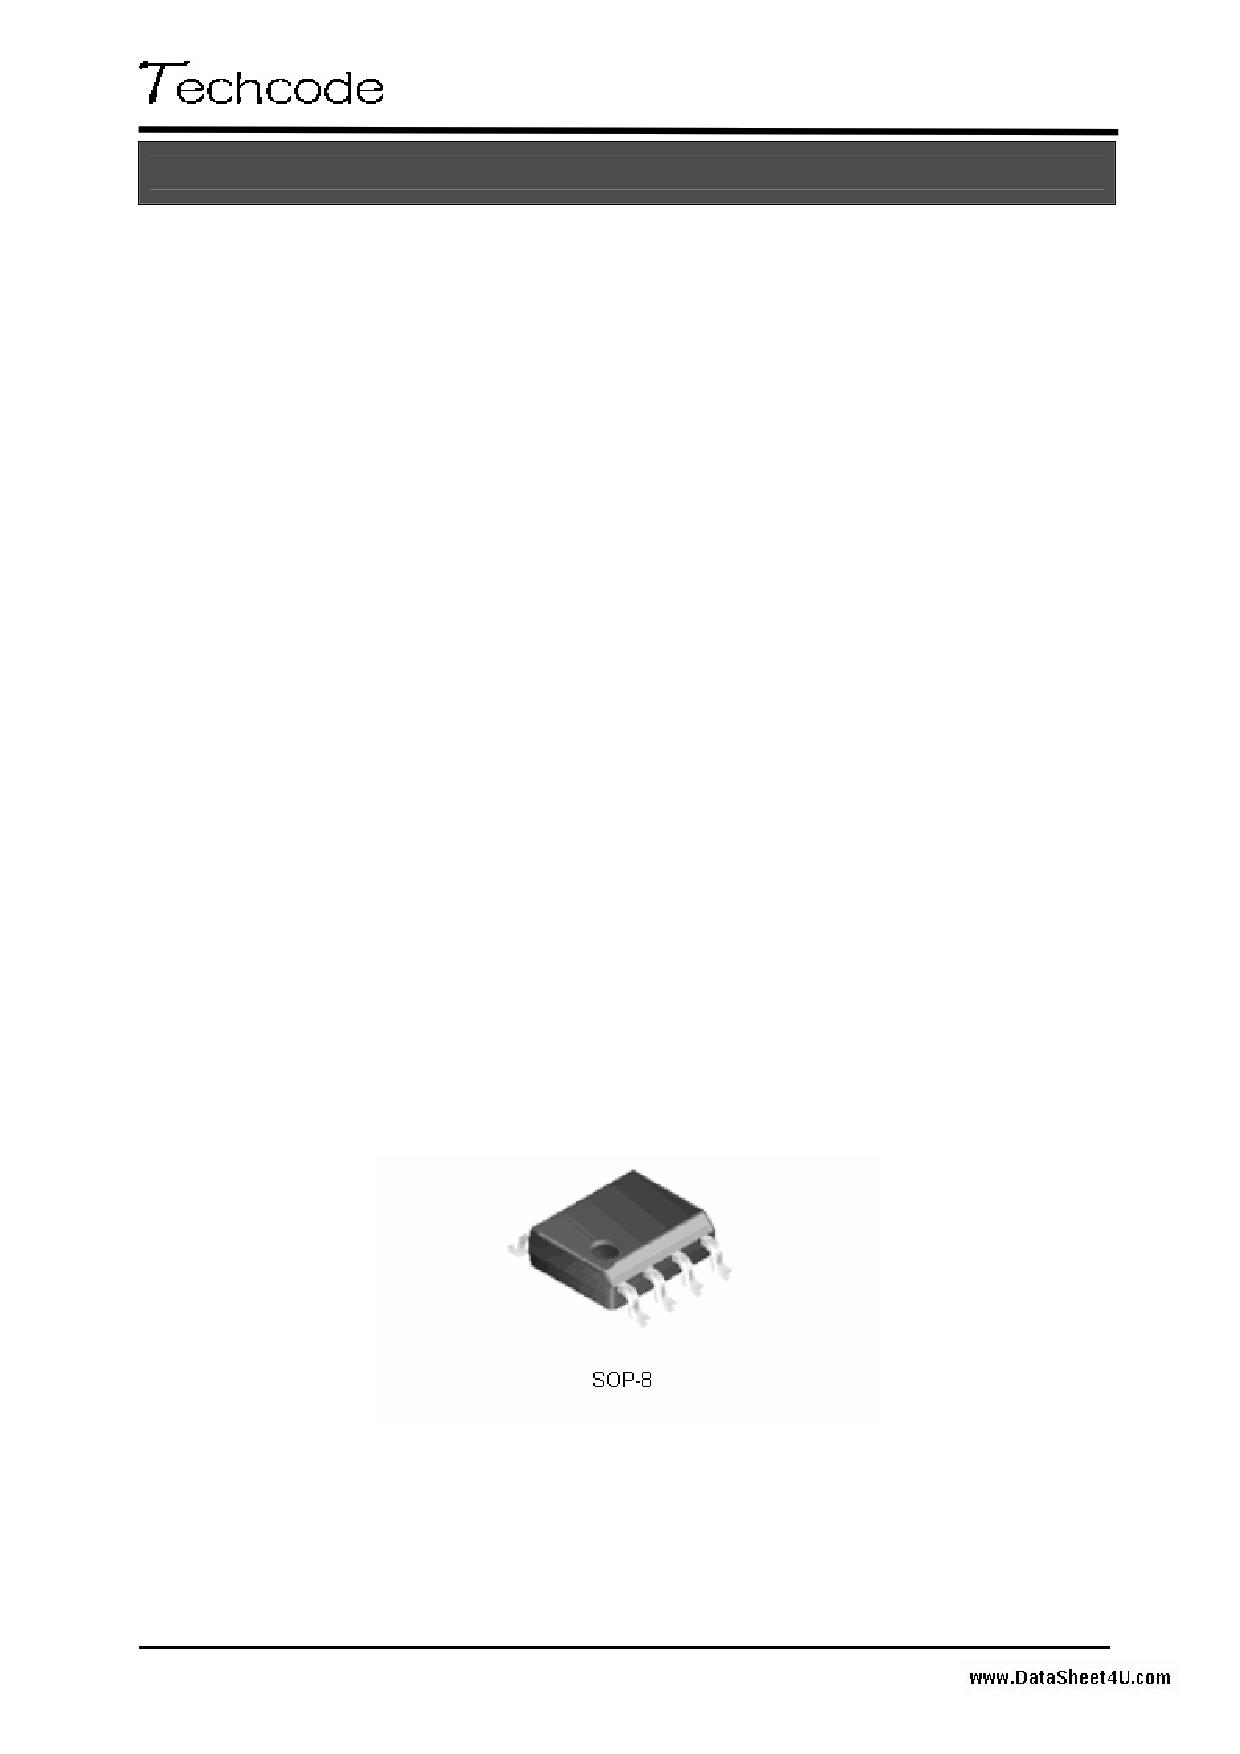 TD1583 datasheet pinout